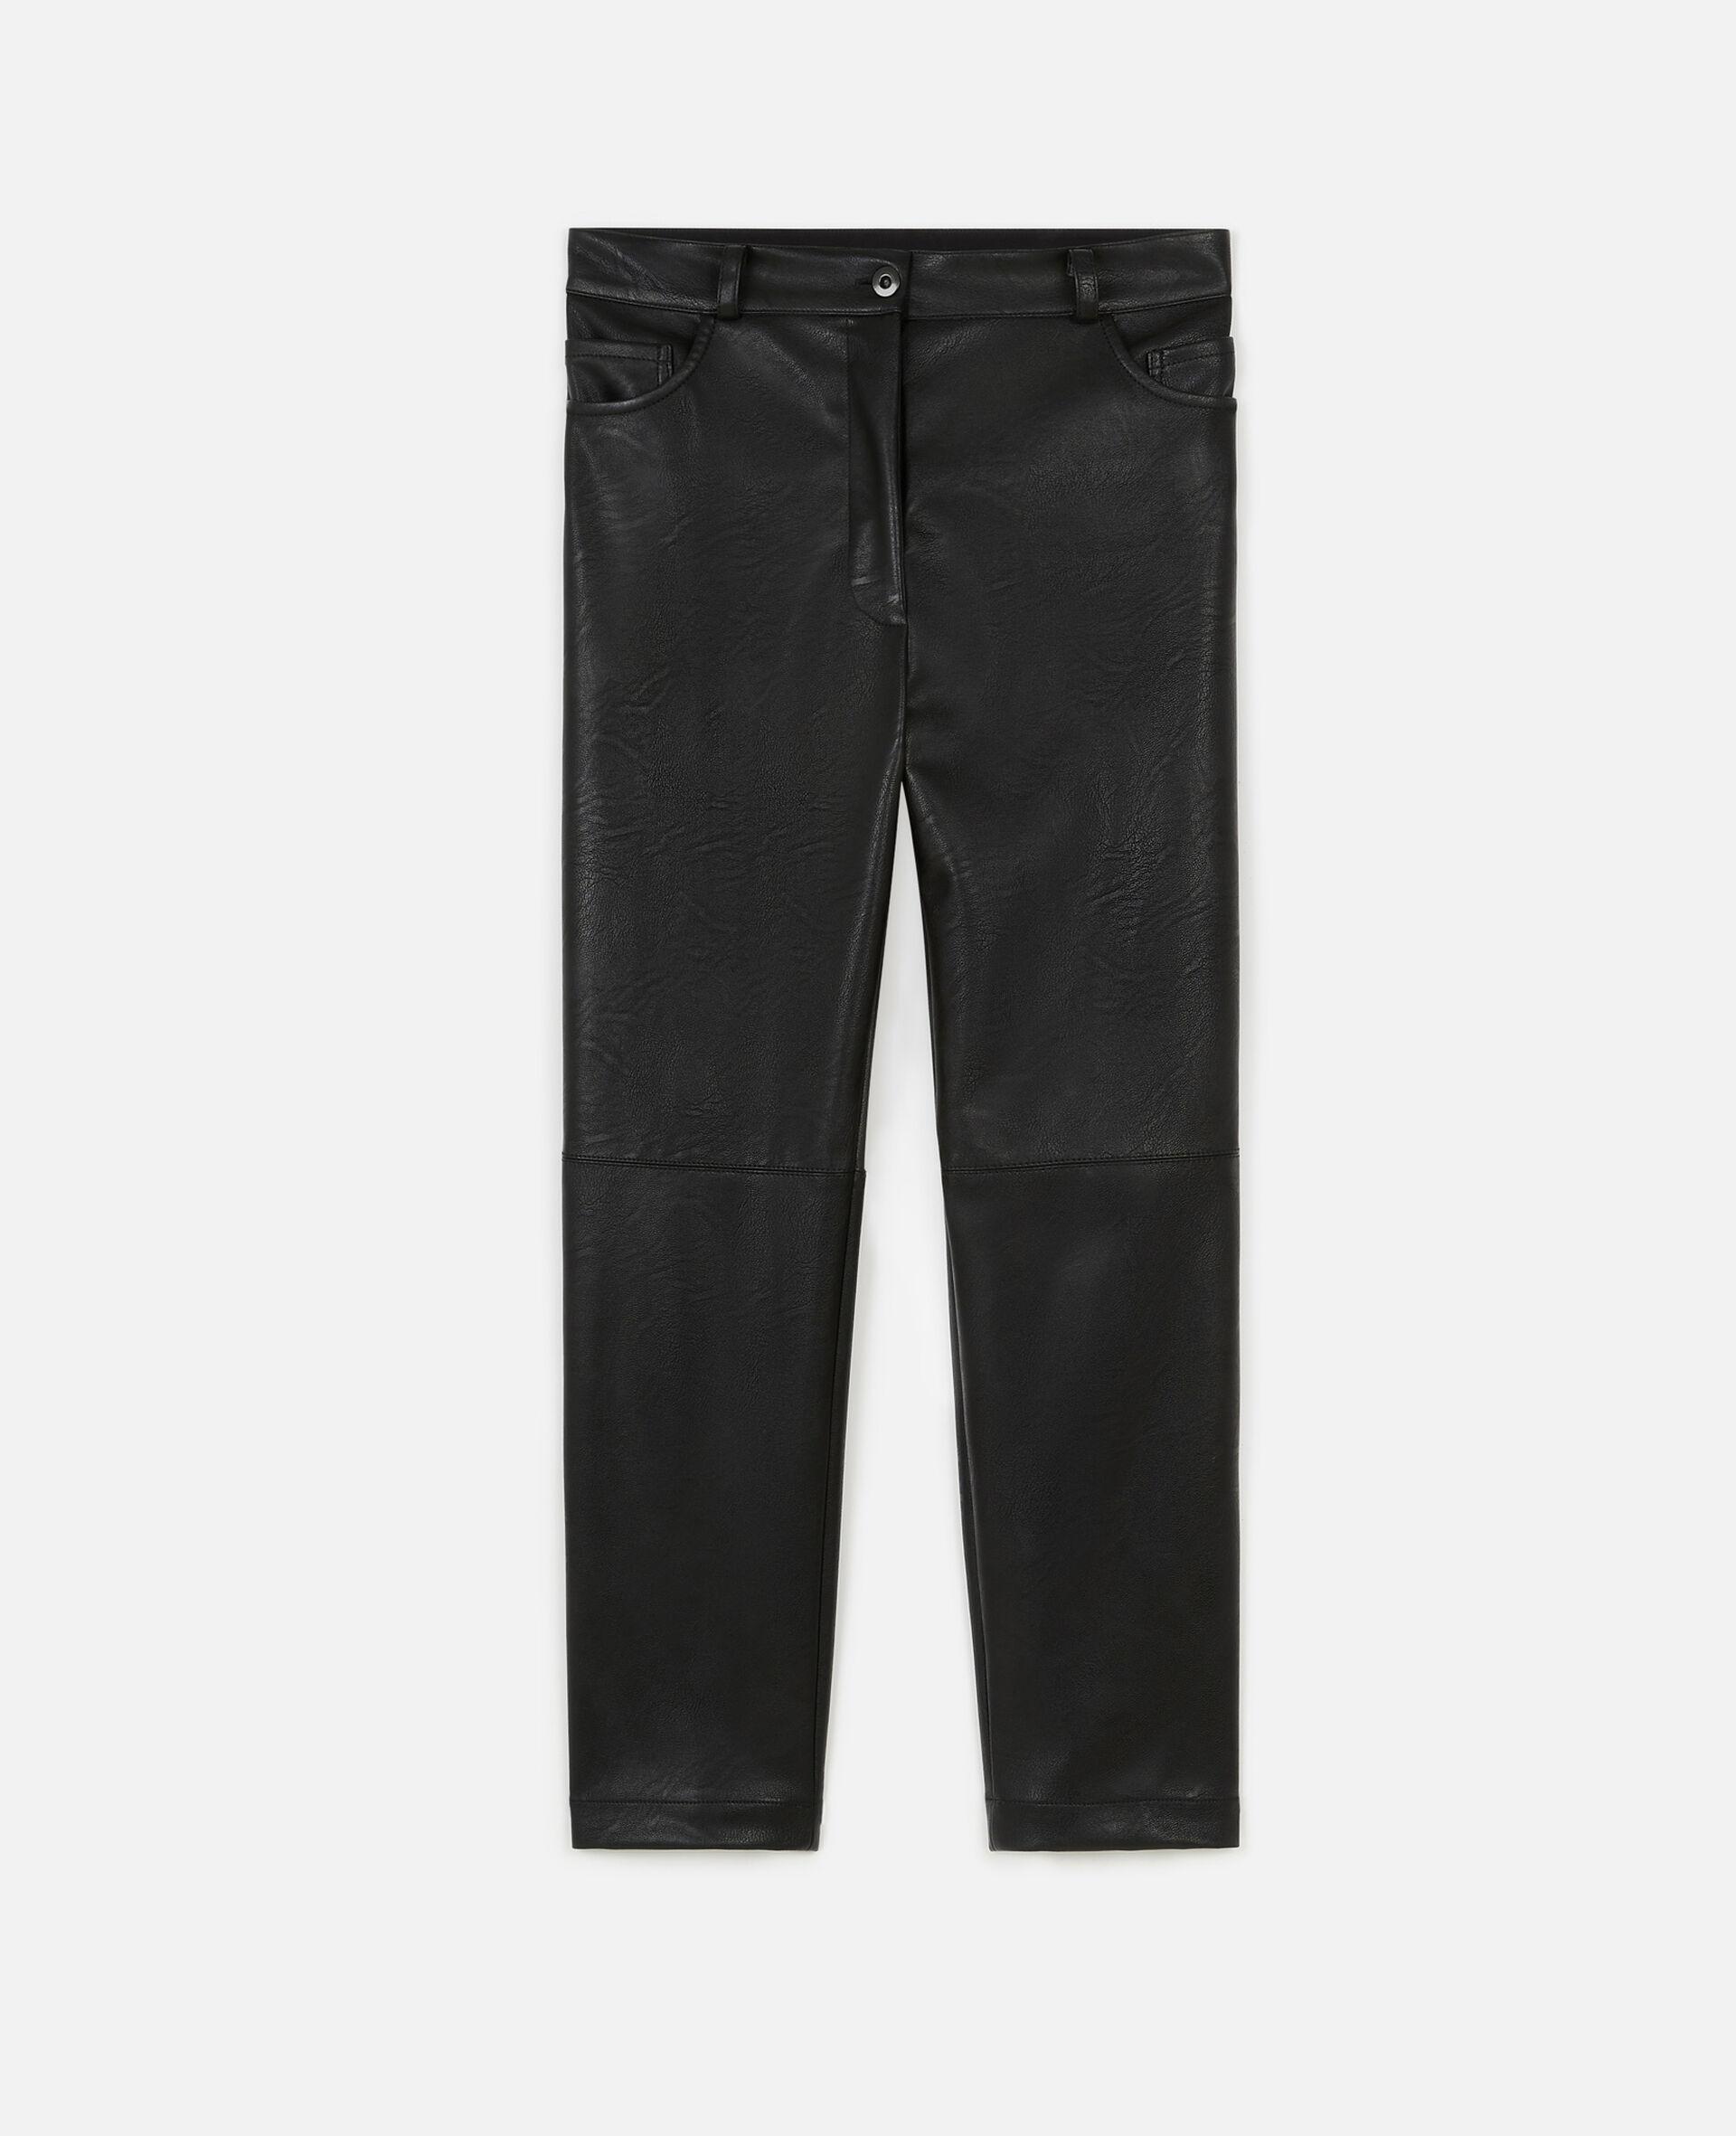 Pantalon Hailey -Marron-large image number 0